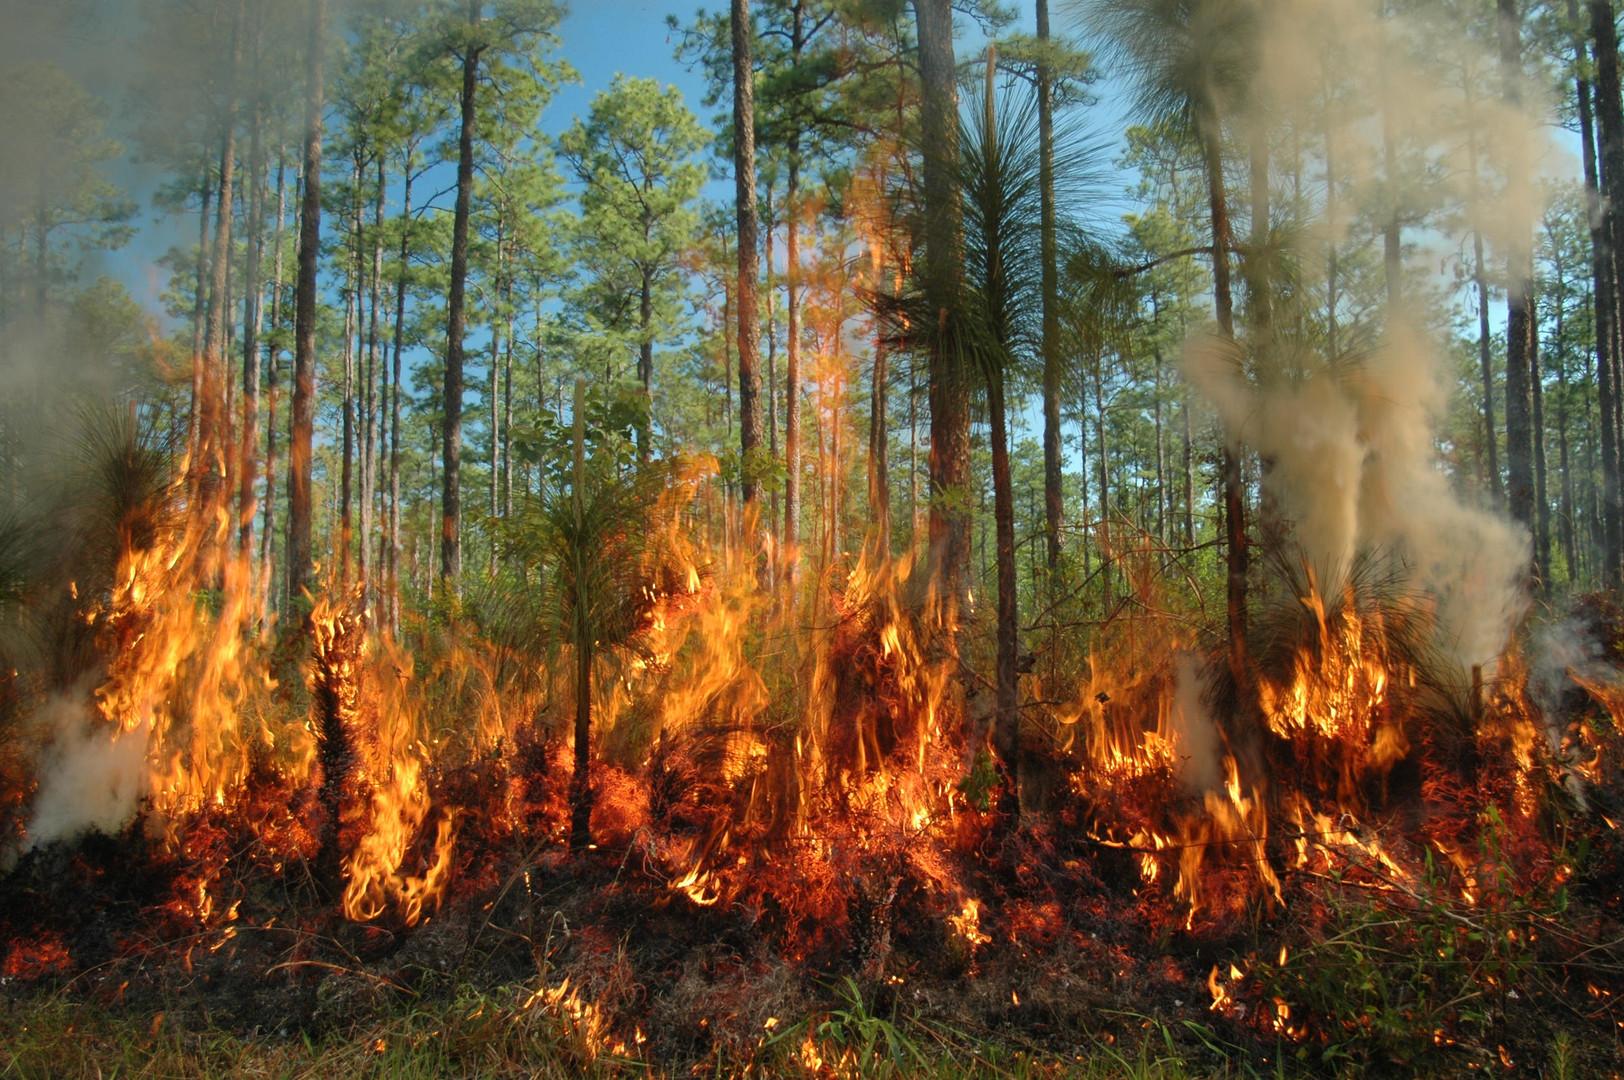 burning forest1.jpg